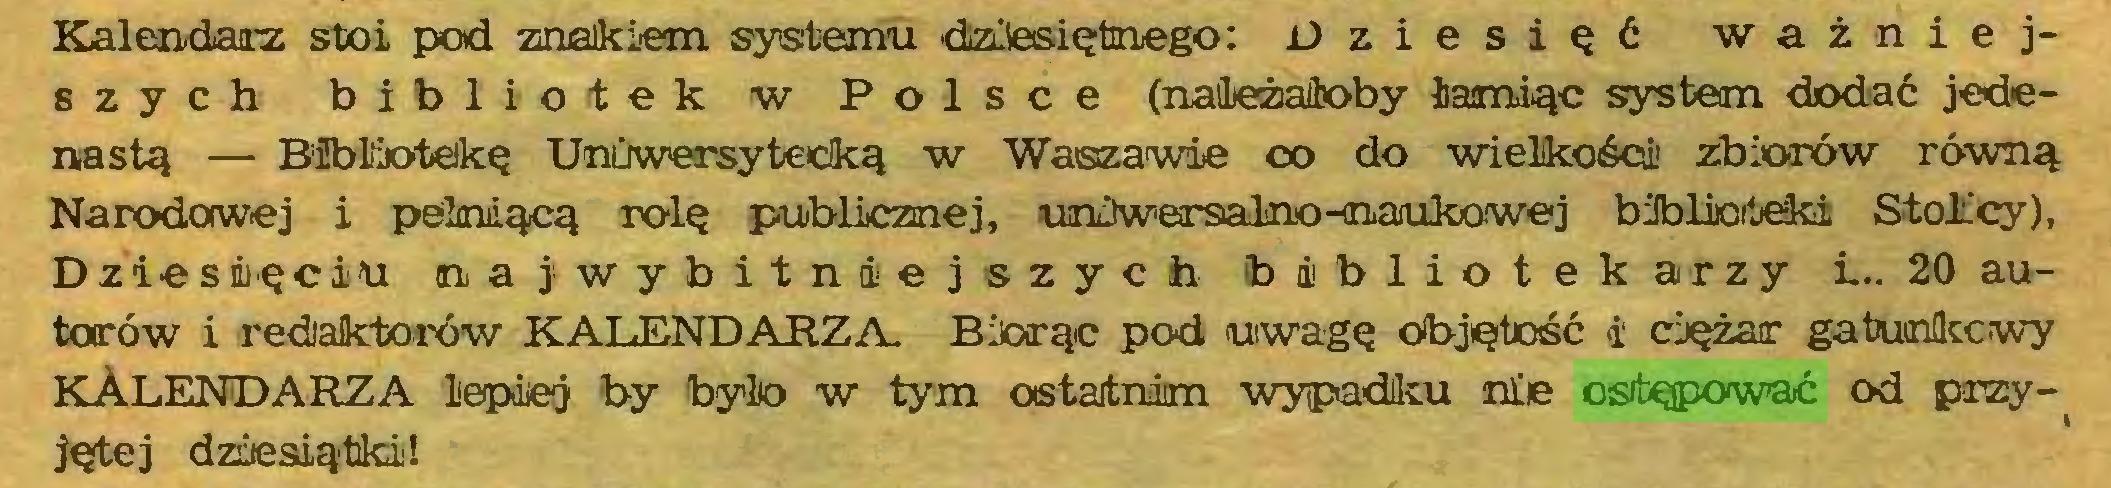 (...) Kalendarz stoi pod znakiem systemu dziesiętnego: Dziesięć ważniejszych bibliotek w Polsce (należałoby łamiąc system dodać jedenastą — Bibliotekę Uniwersytecką w Wasza wie co do wielkości! zbiorów równą Narodowej i pełniącą rolę publicznej, uniwersalno -naukowej biblioteki Stolicy), Dziesięciu na jwybitniej szych bibliotekarzy i.. 20 autorów i redaktorów KALENDARZA. Biorąc pod uwagę objętość i ciężar gatunkowy KALENDARZA lepiej by było w tym ostatnim wypadku nie ostępować od przyjętej dziesiątki!...